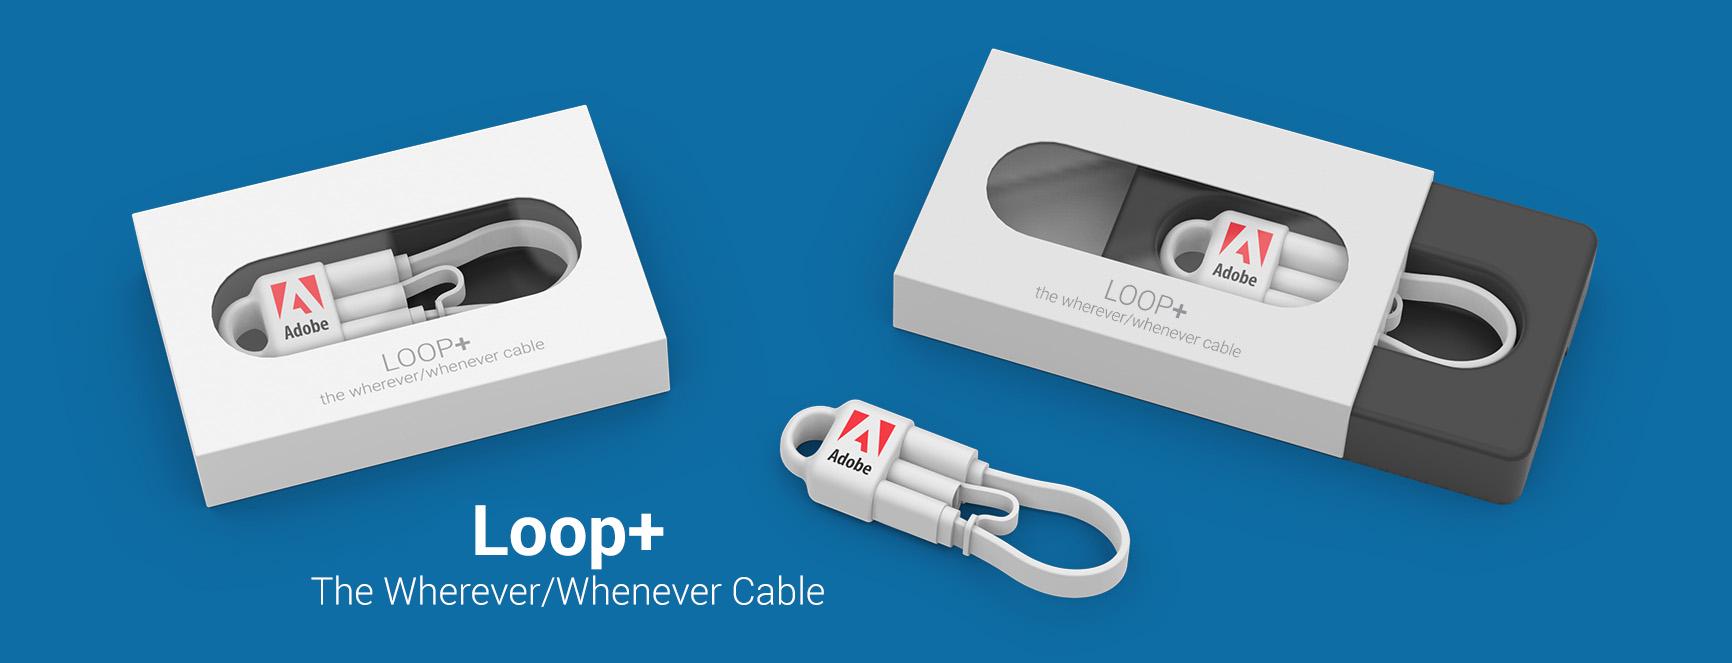 Loop+ Packaging